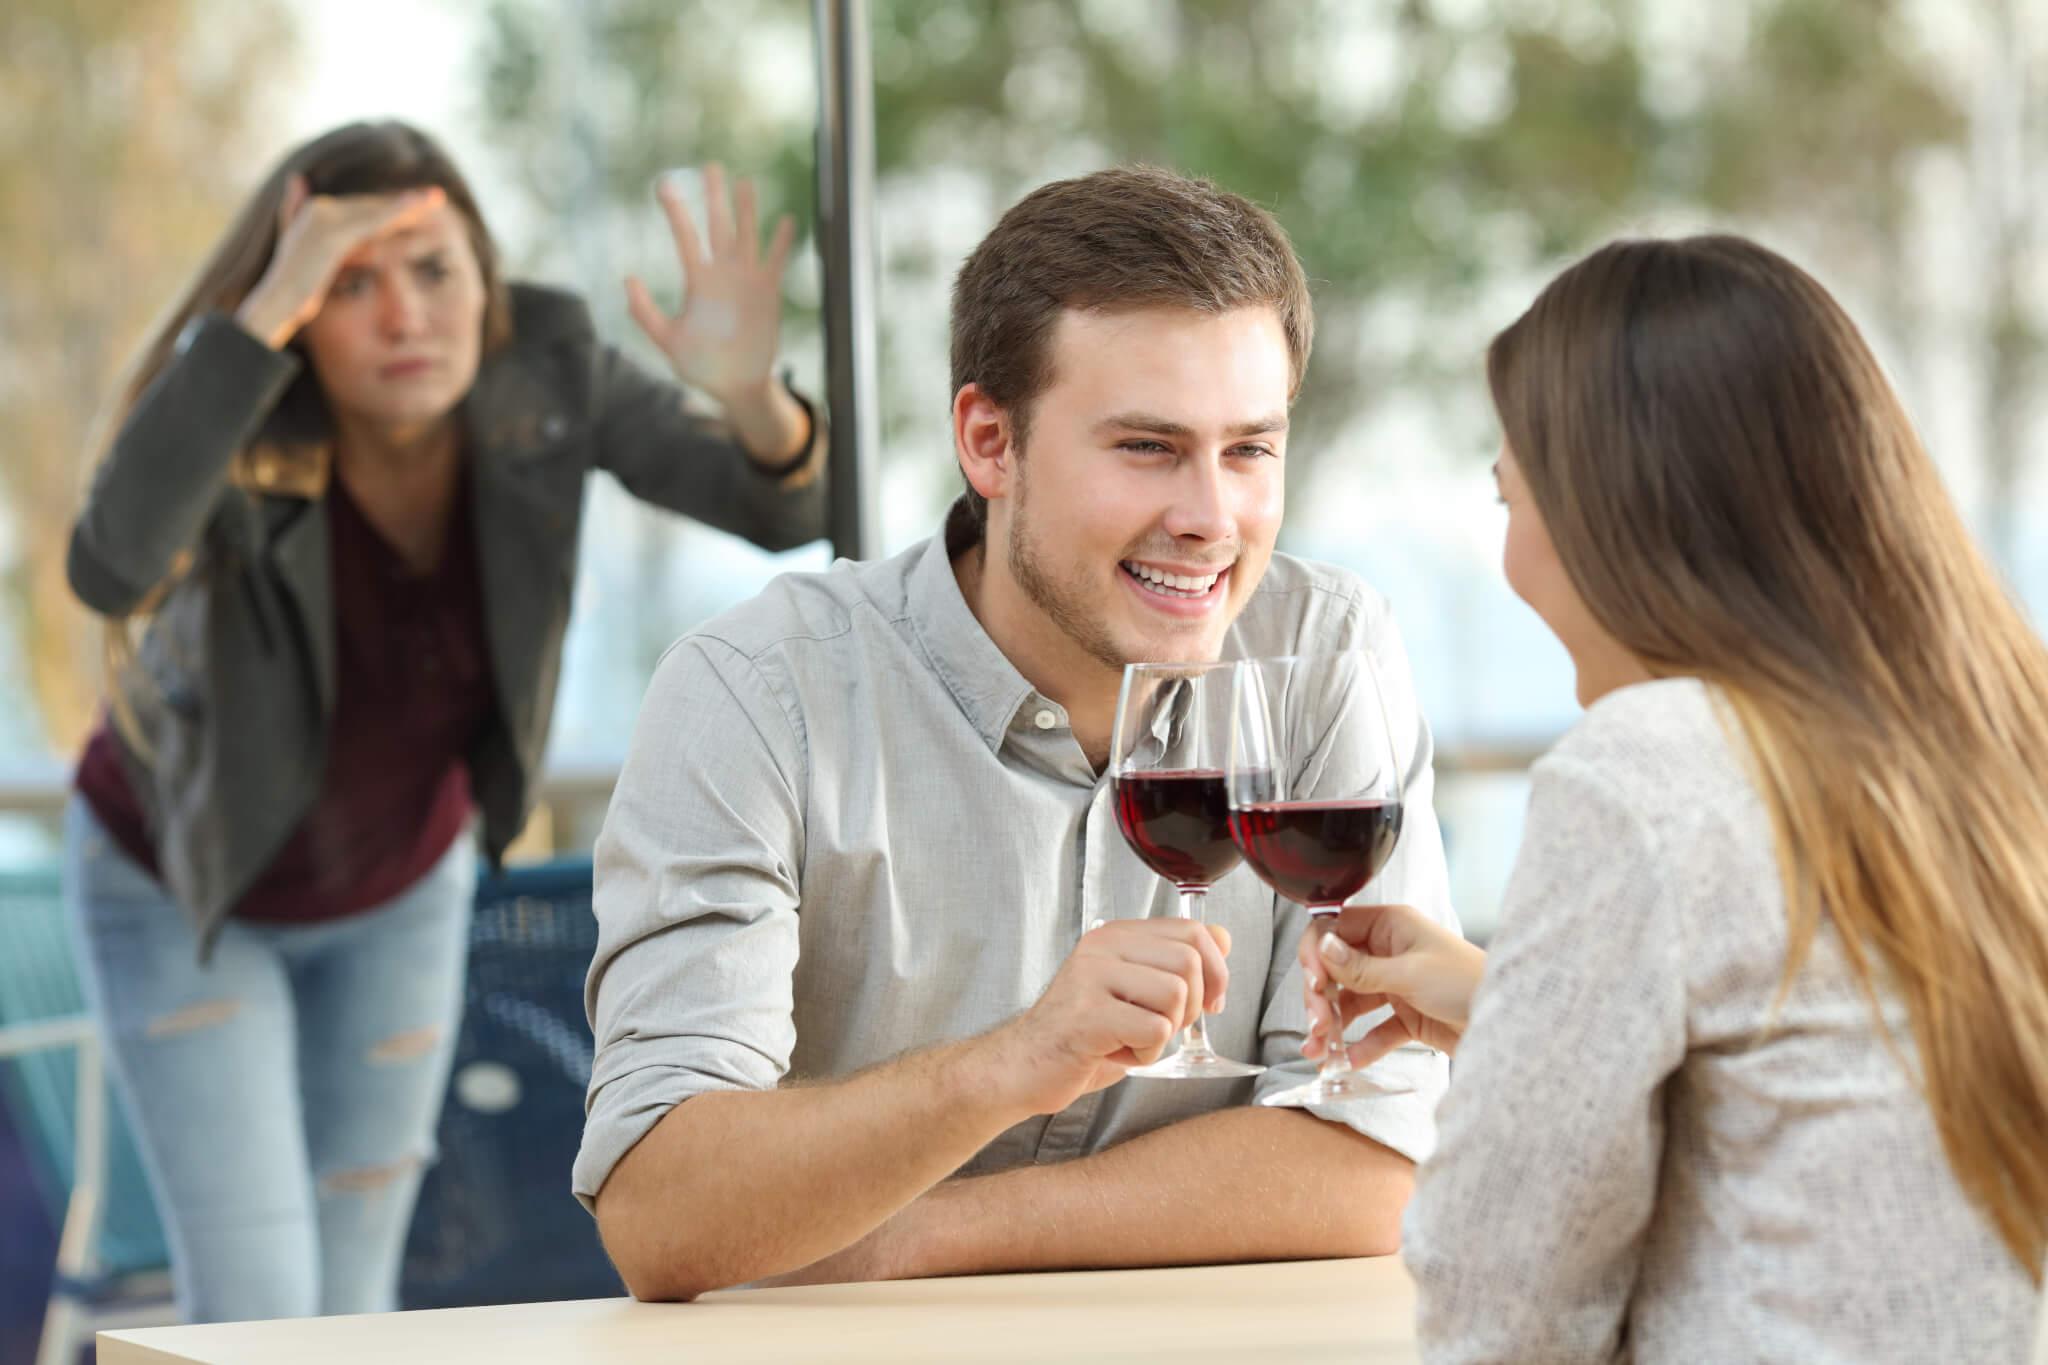 Frau beobachtet ein Paar beim Essen.